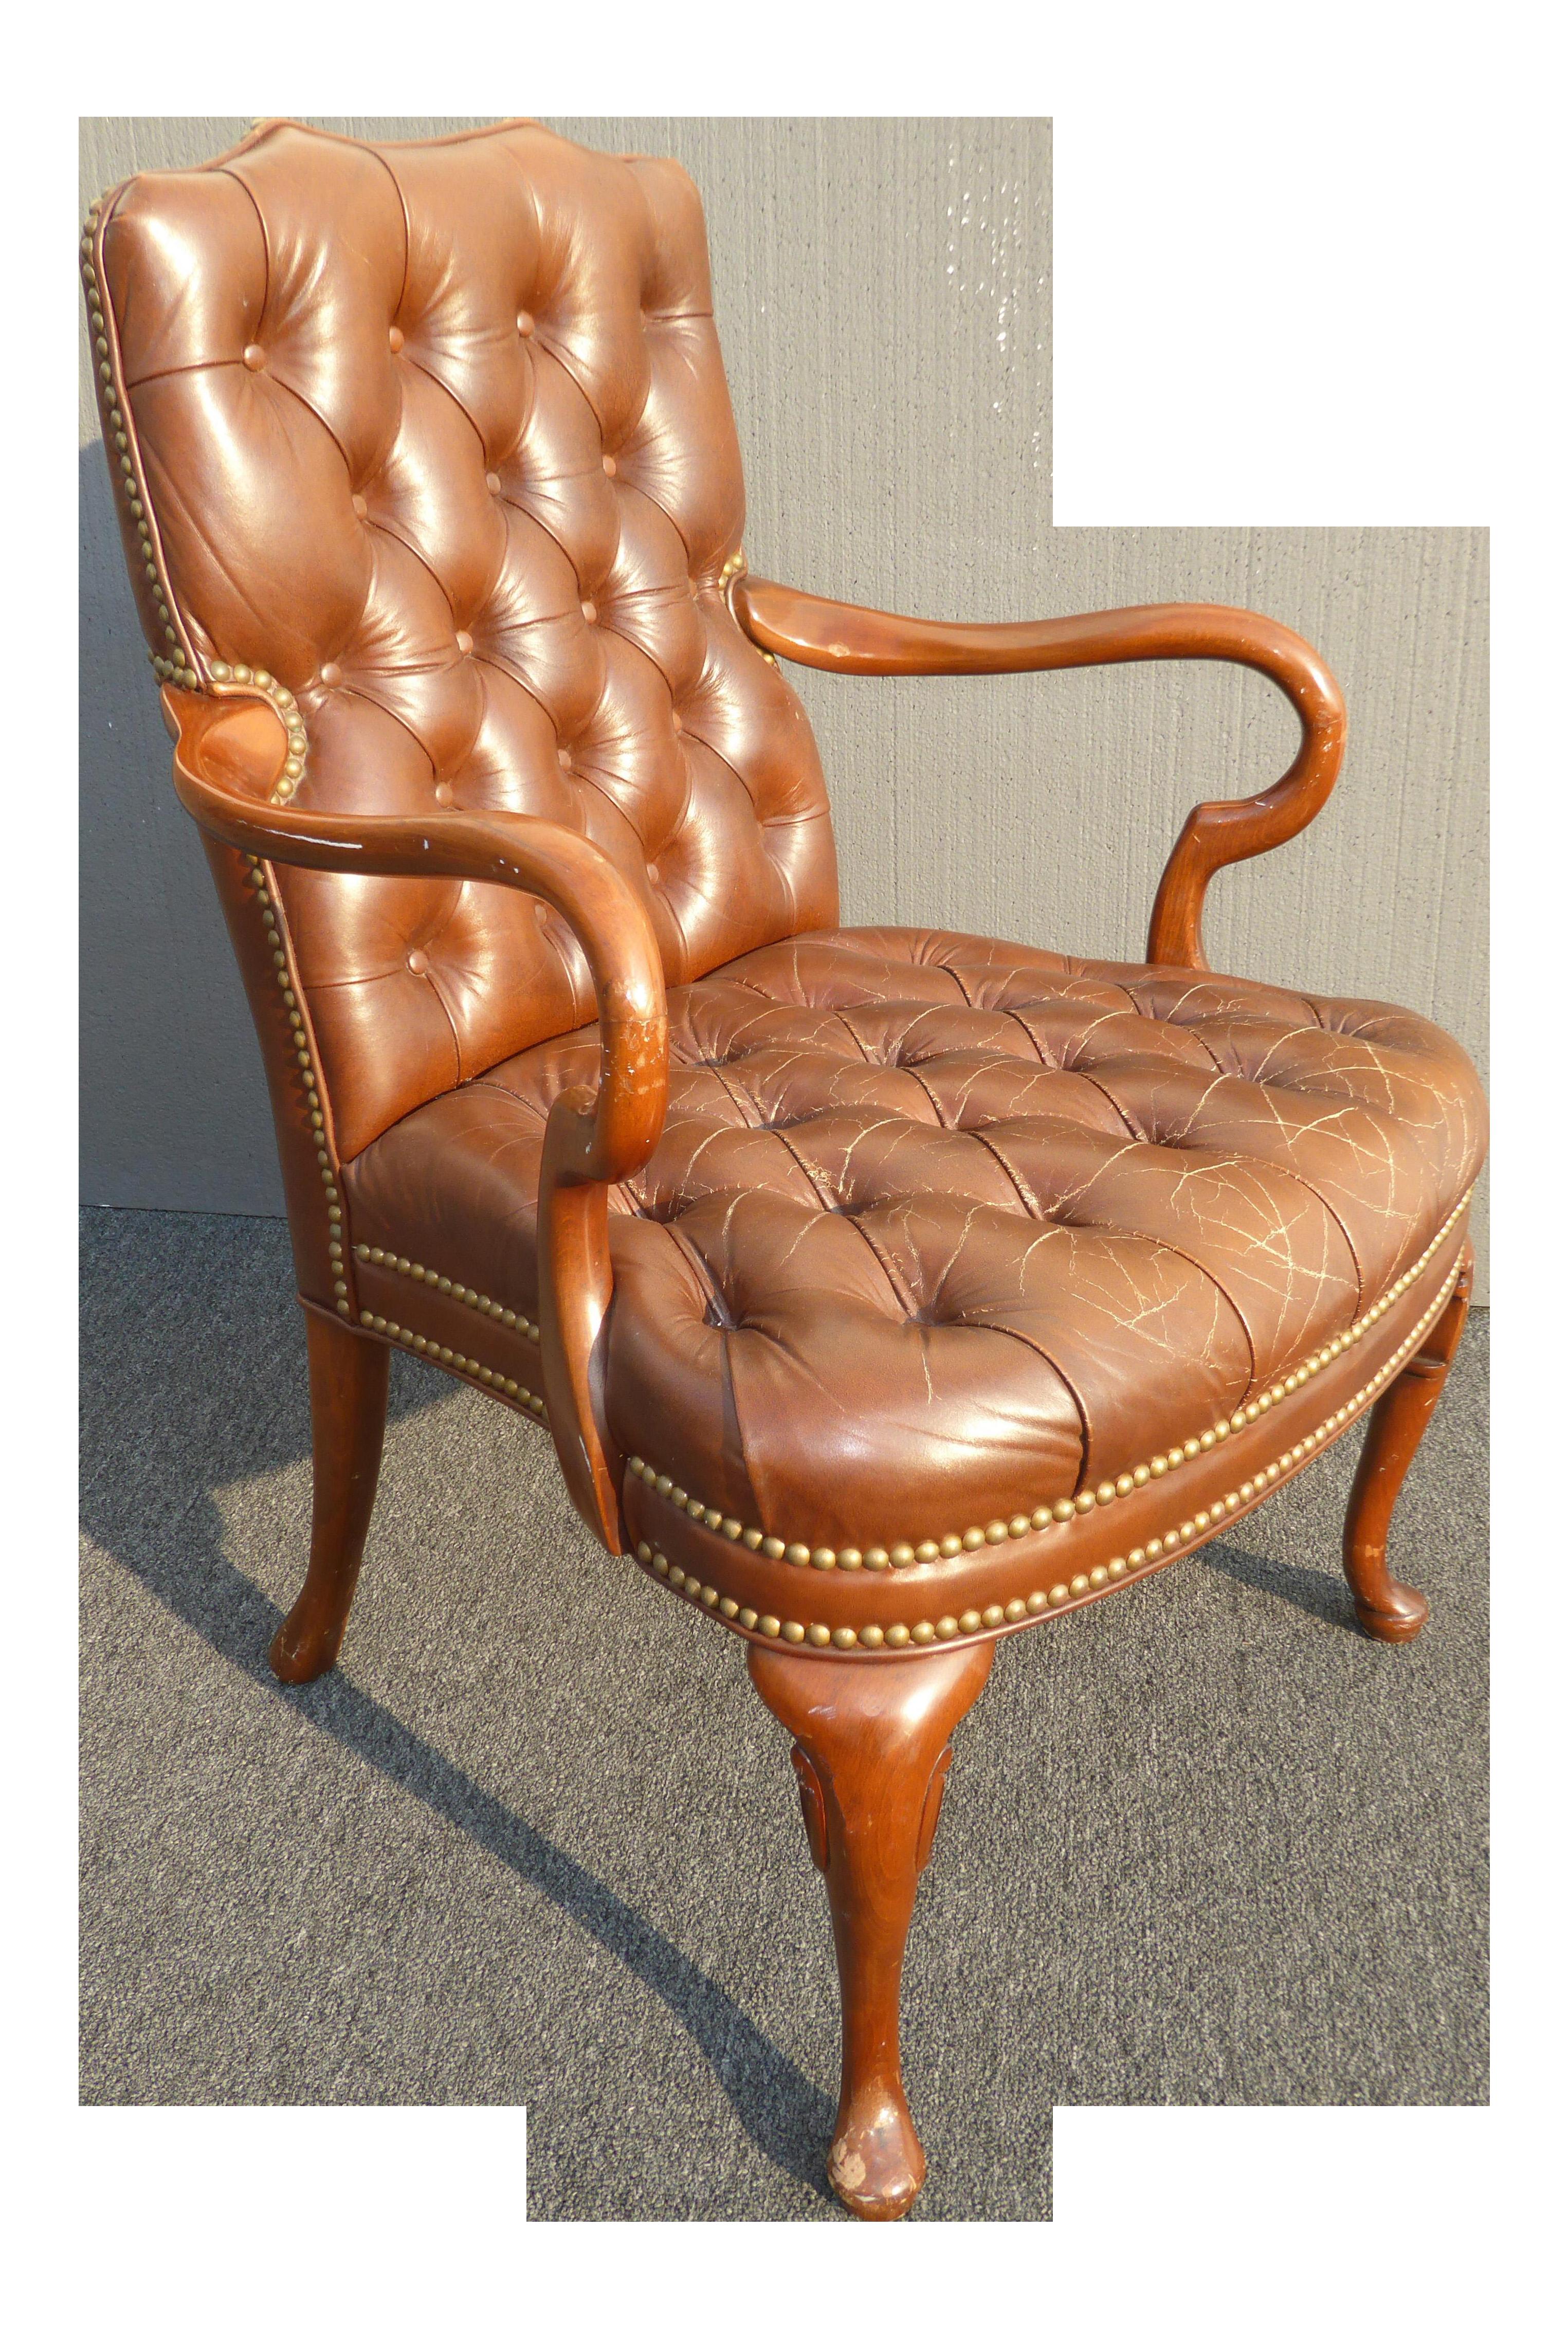 Strange Vintage Schafer Bros Tufted Burnt Orange Leather Accent Chair Machost Co Dining Chair Design Ideas Machostcouk